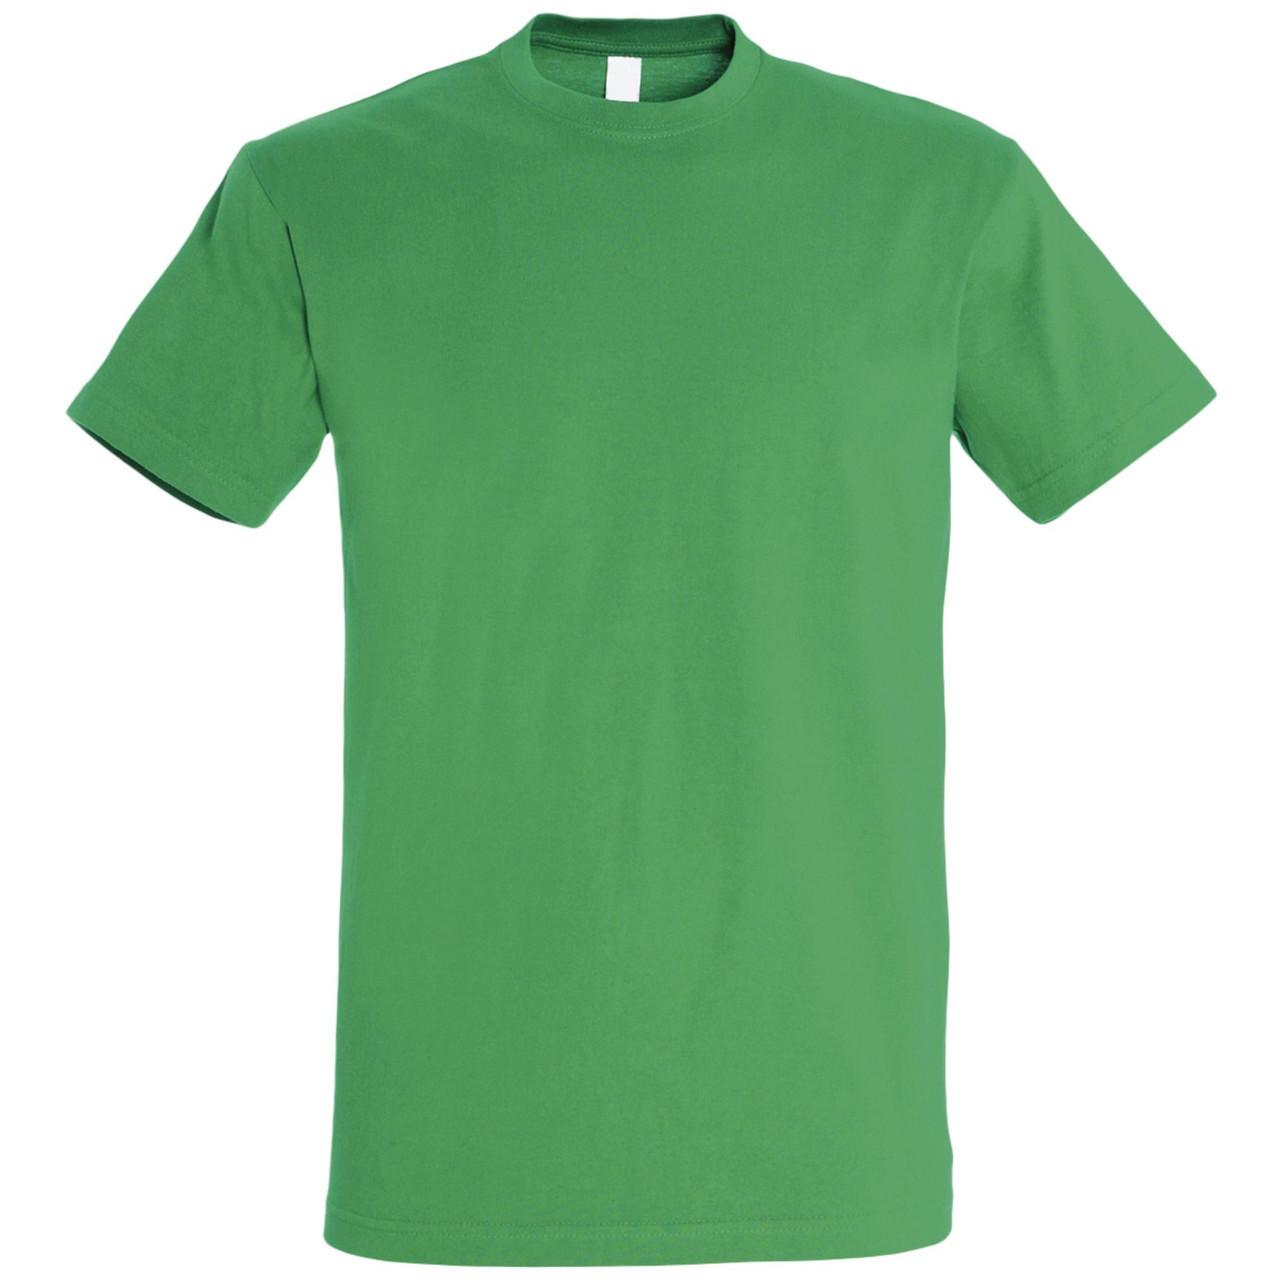 Oднотонная футболка | Зеленая | 160 гр. | 2XL